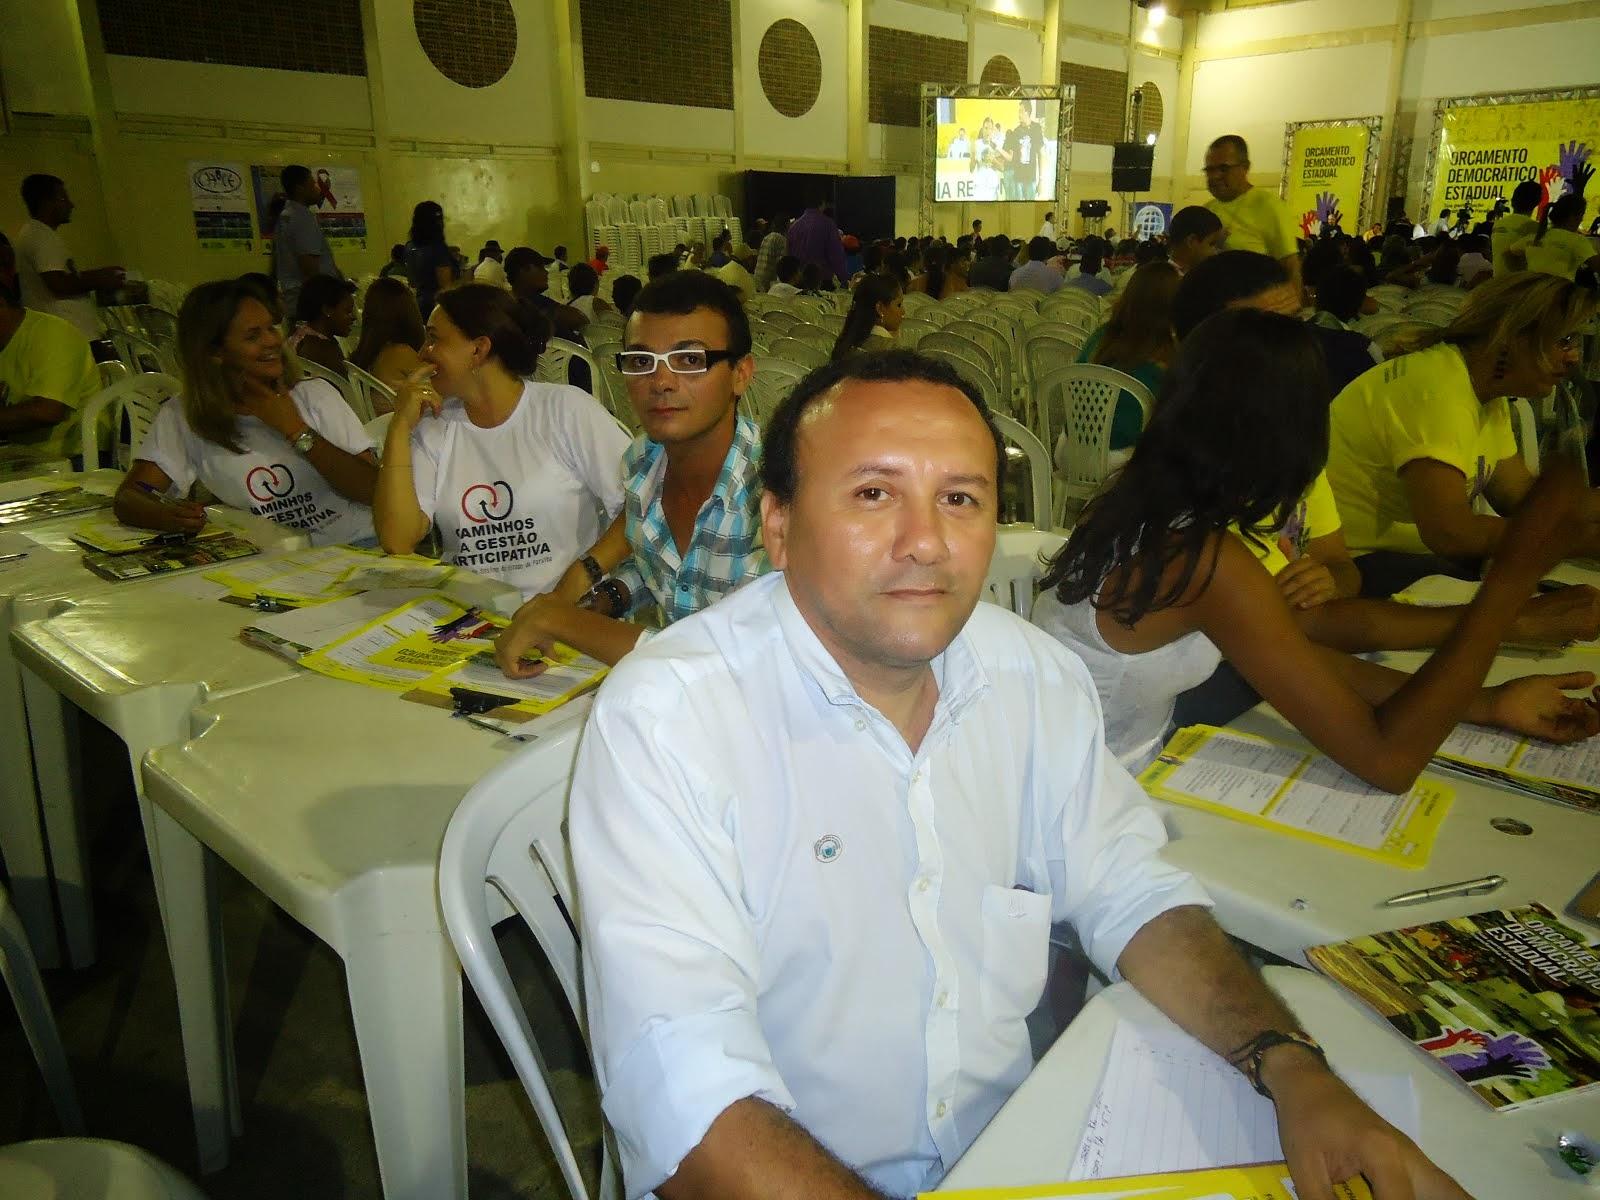 MULTIPLICADOR CULTURAL NIVALDO MIGUEL DO NASCIMENTO NETO EM ITABAIANA PARAIBA PARA O MUNDO